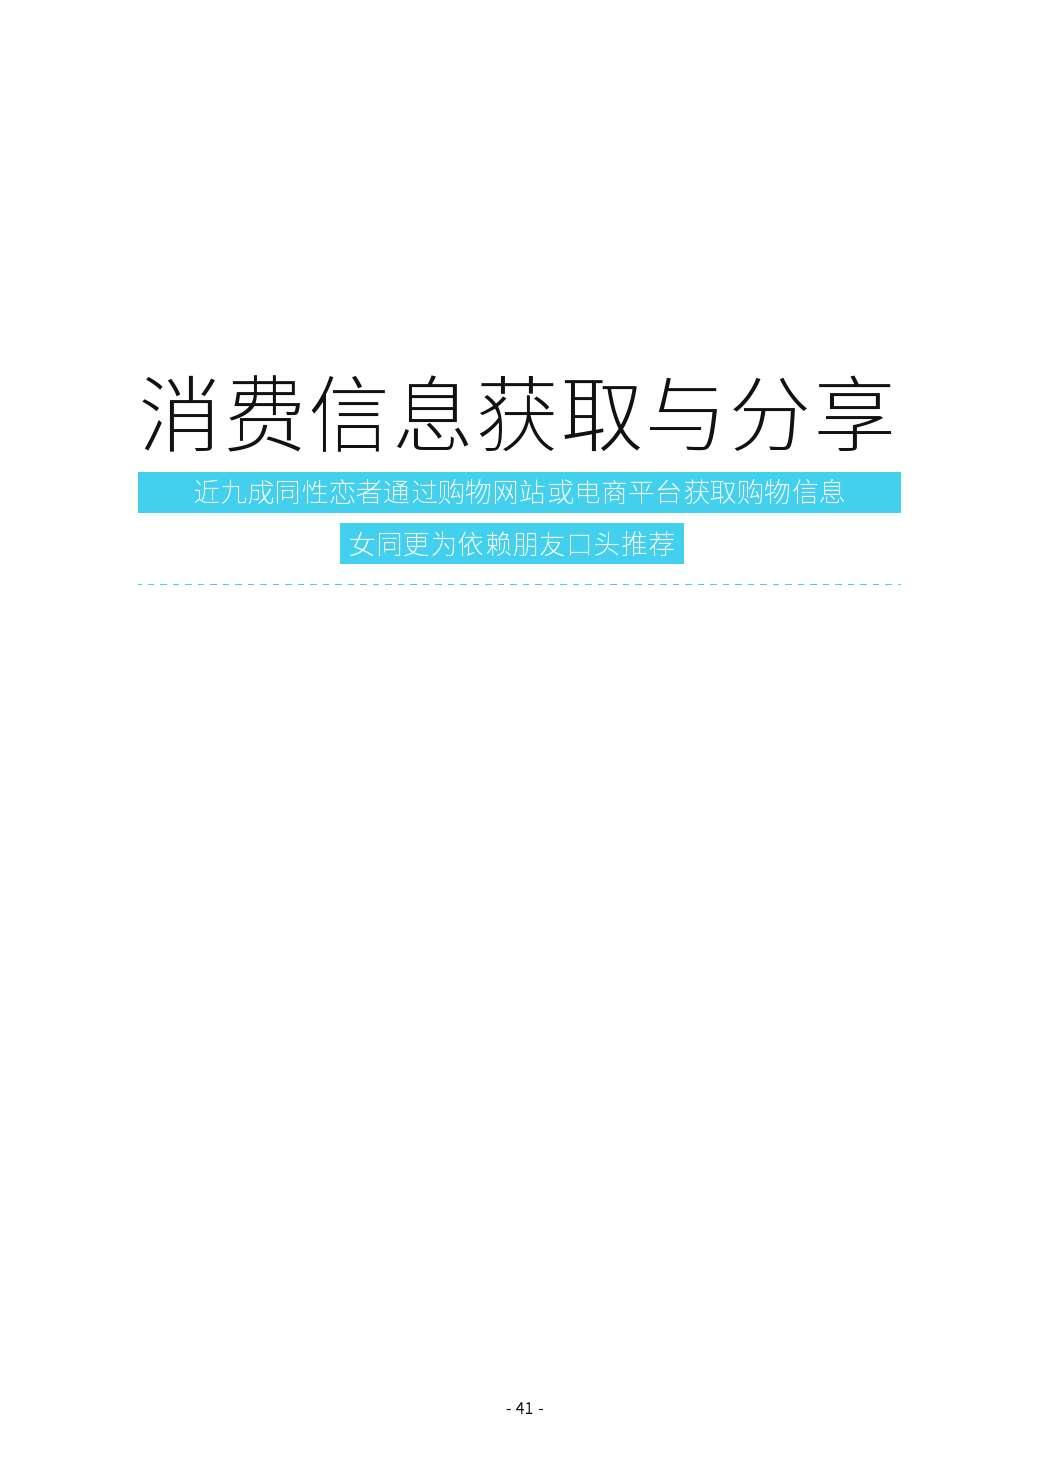 第二届中国LGBT群体消费调查报告_000041